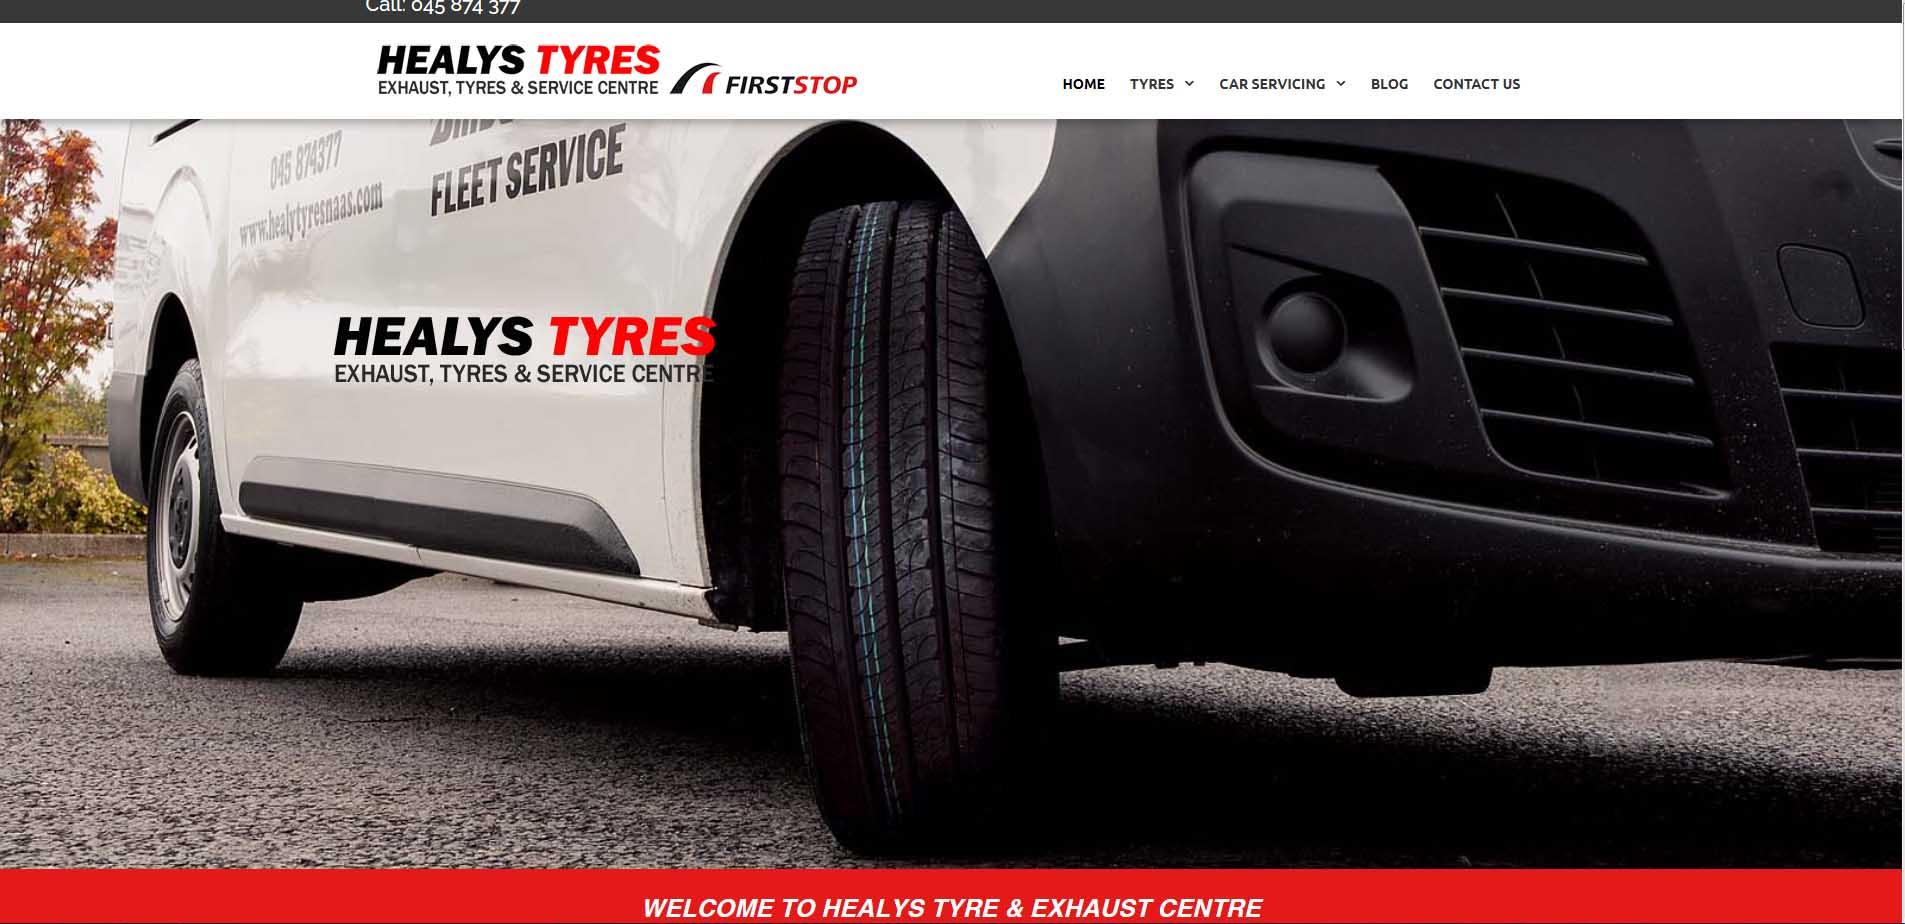 healys tyres